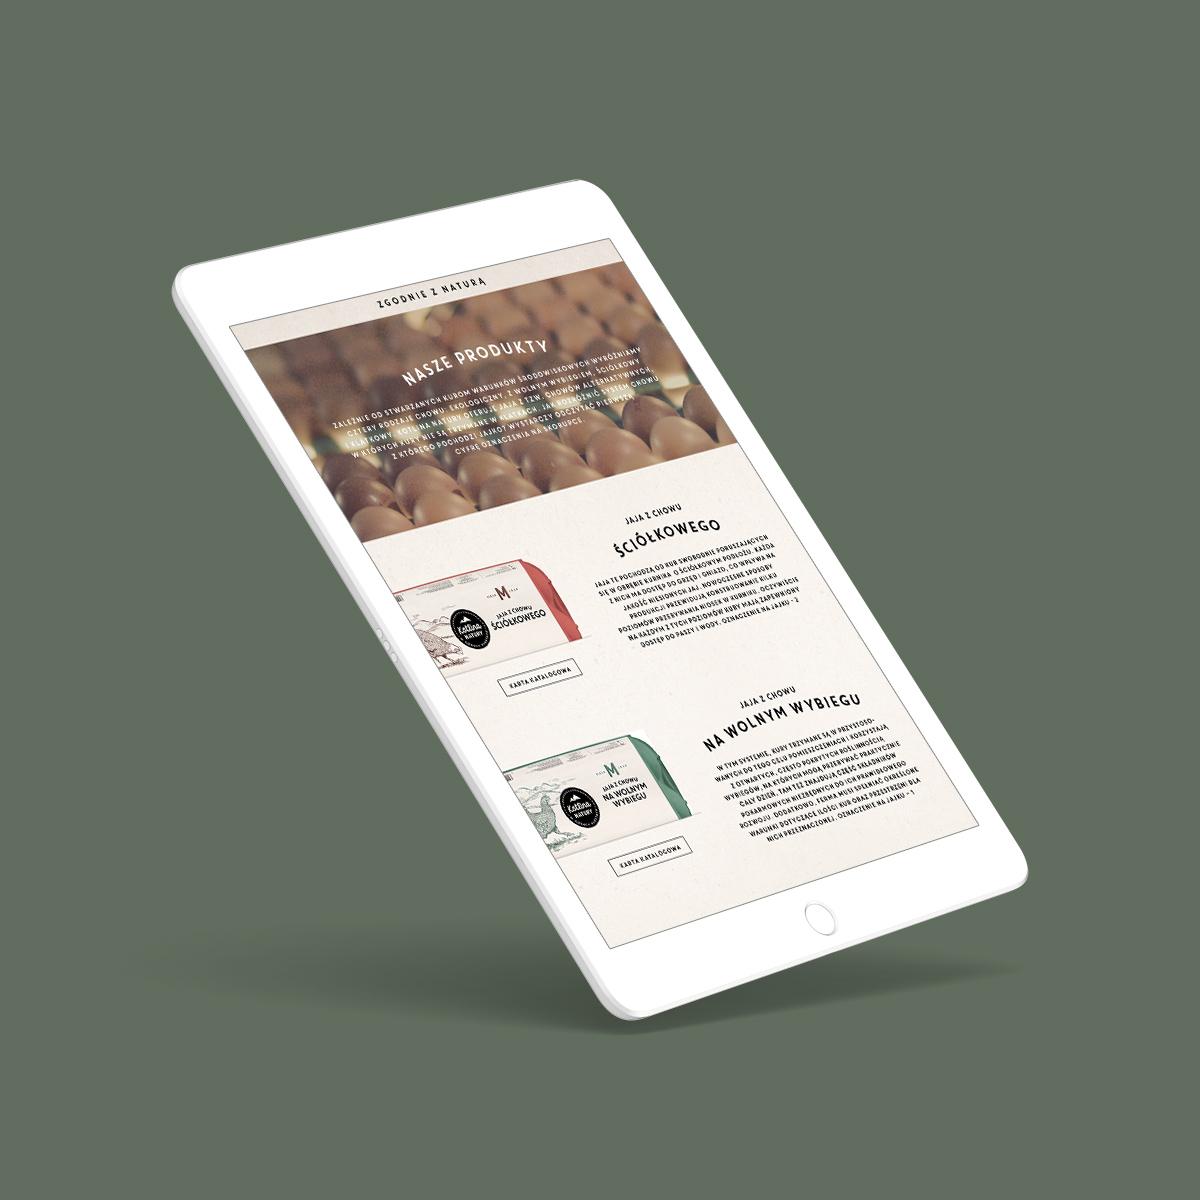 KN-iPad-Pro-Upright8